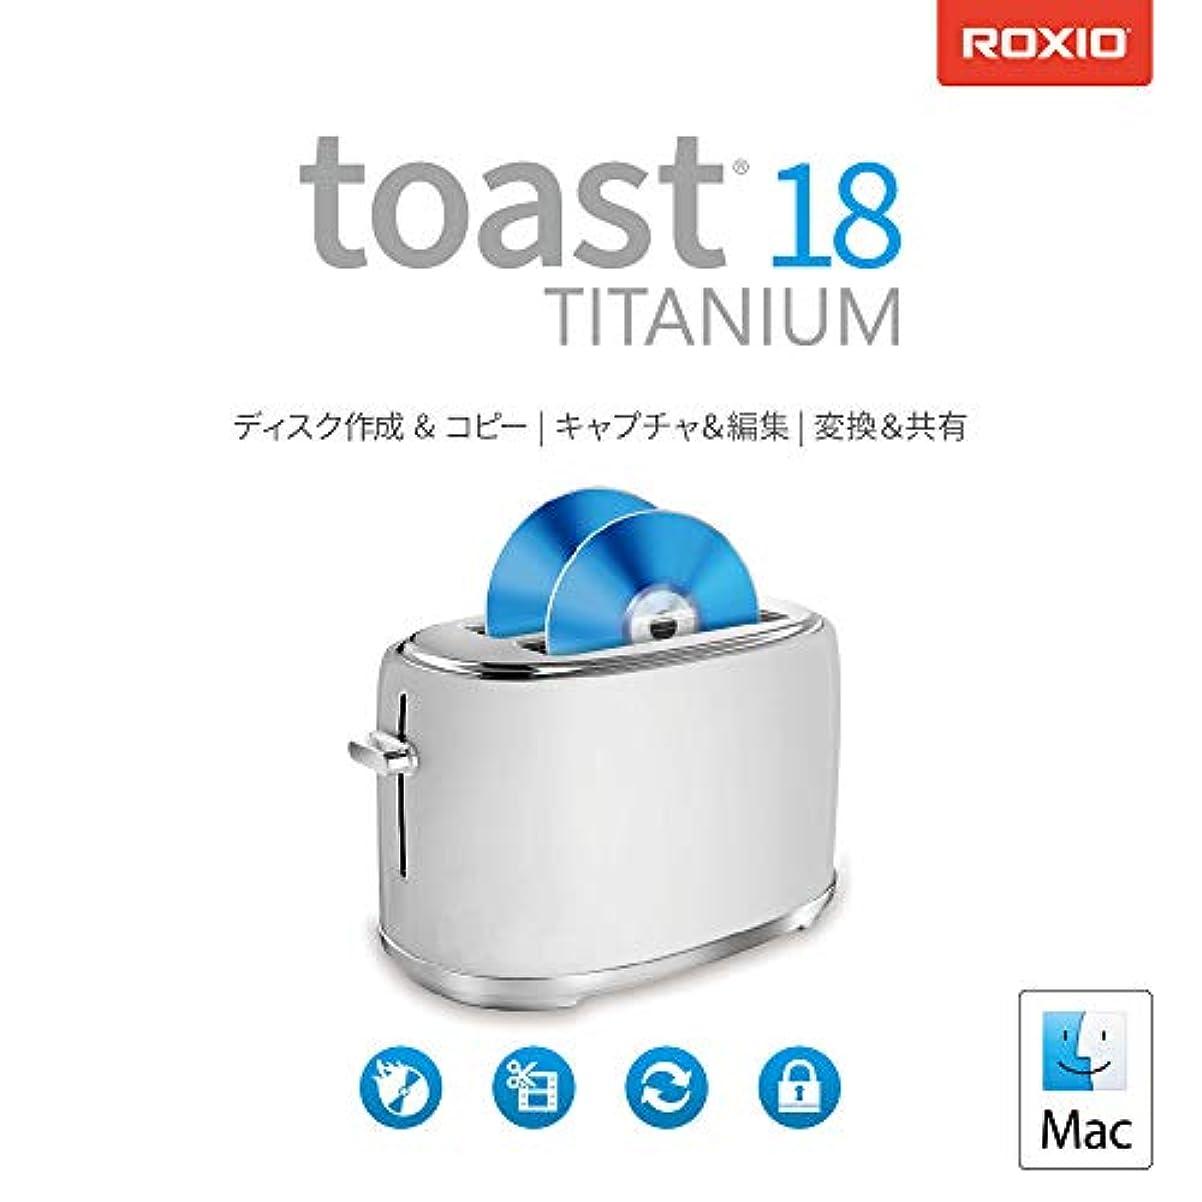 Roxio Toast 18 Titanium|ダウンロード版